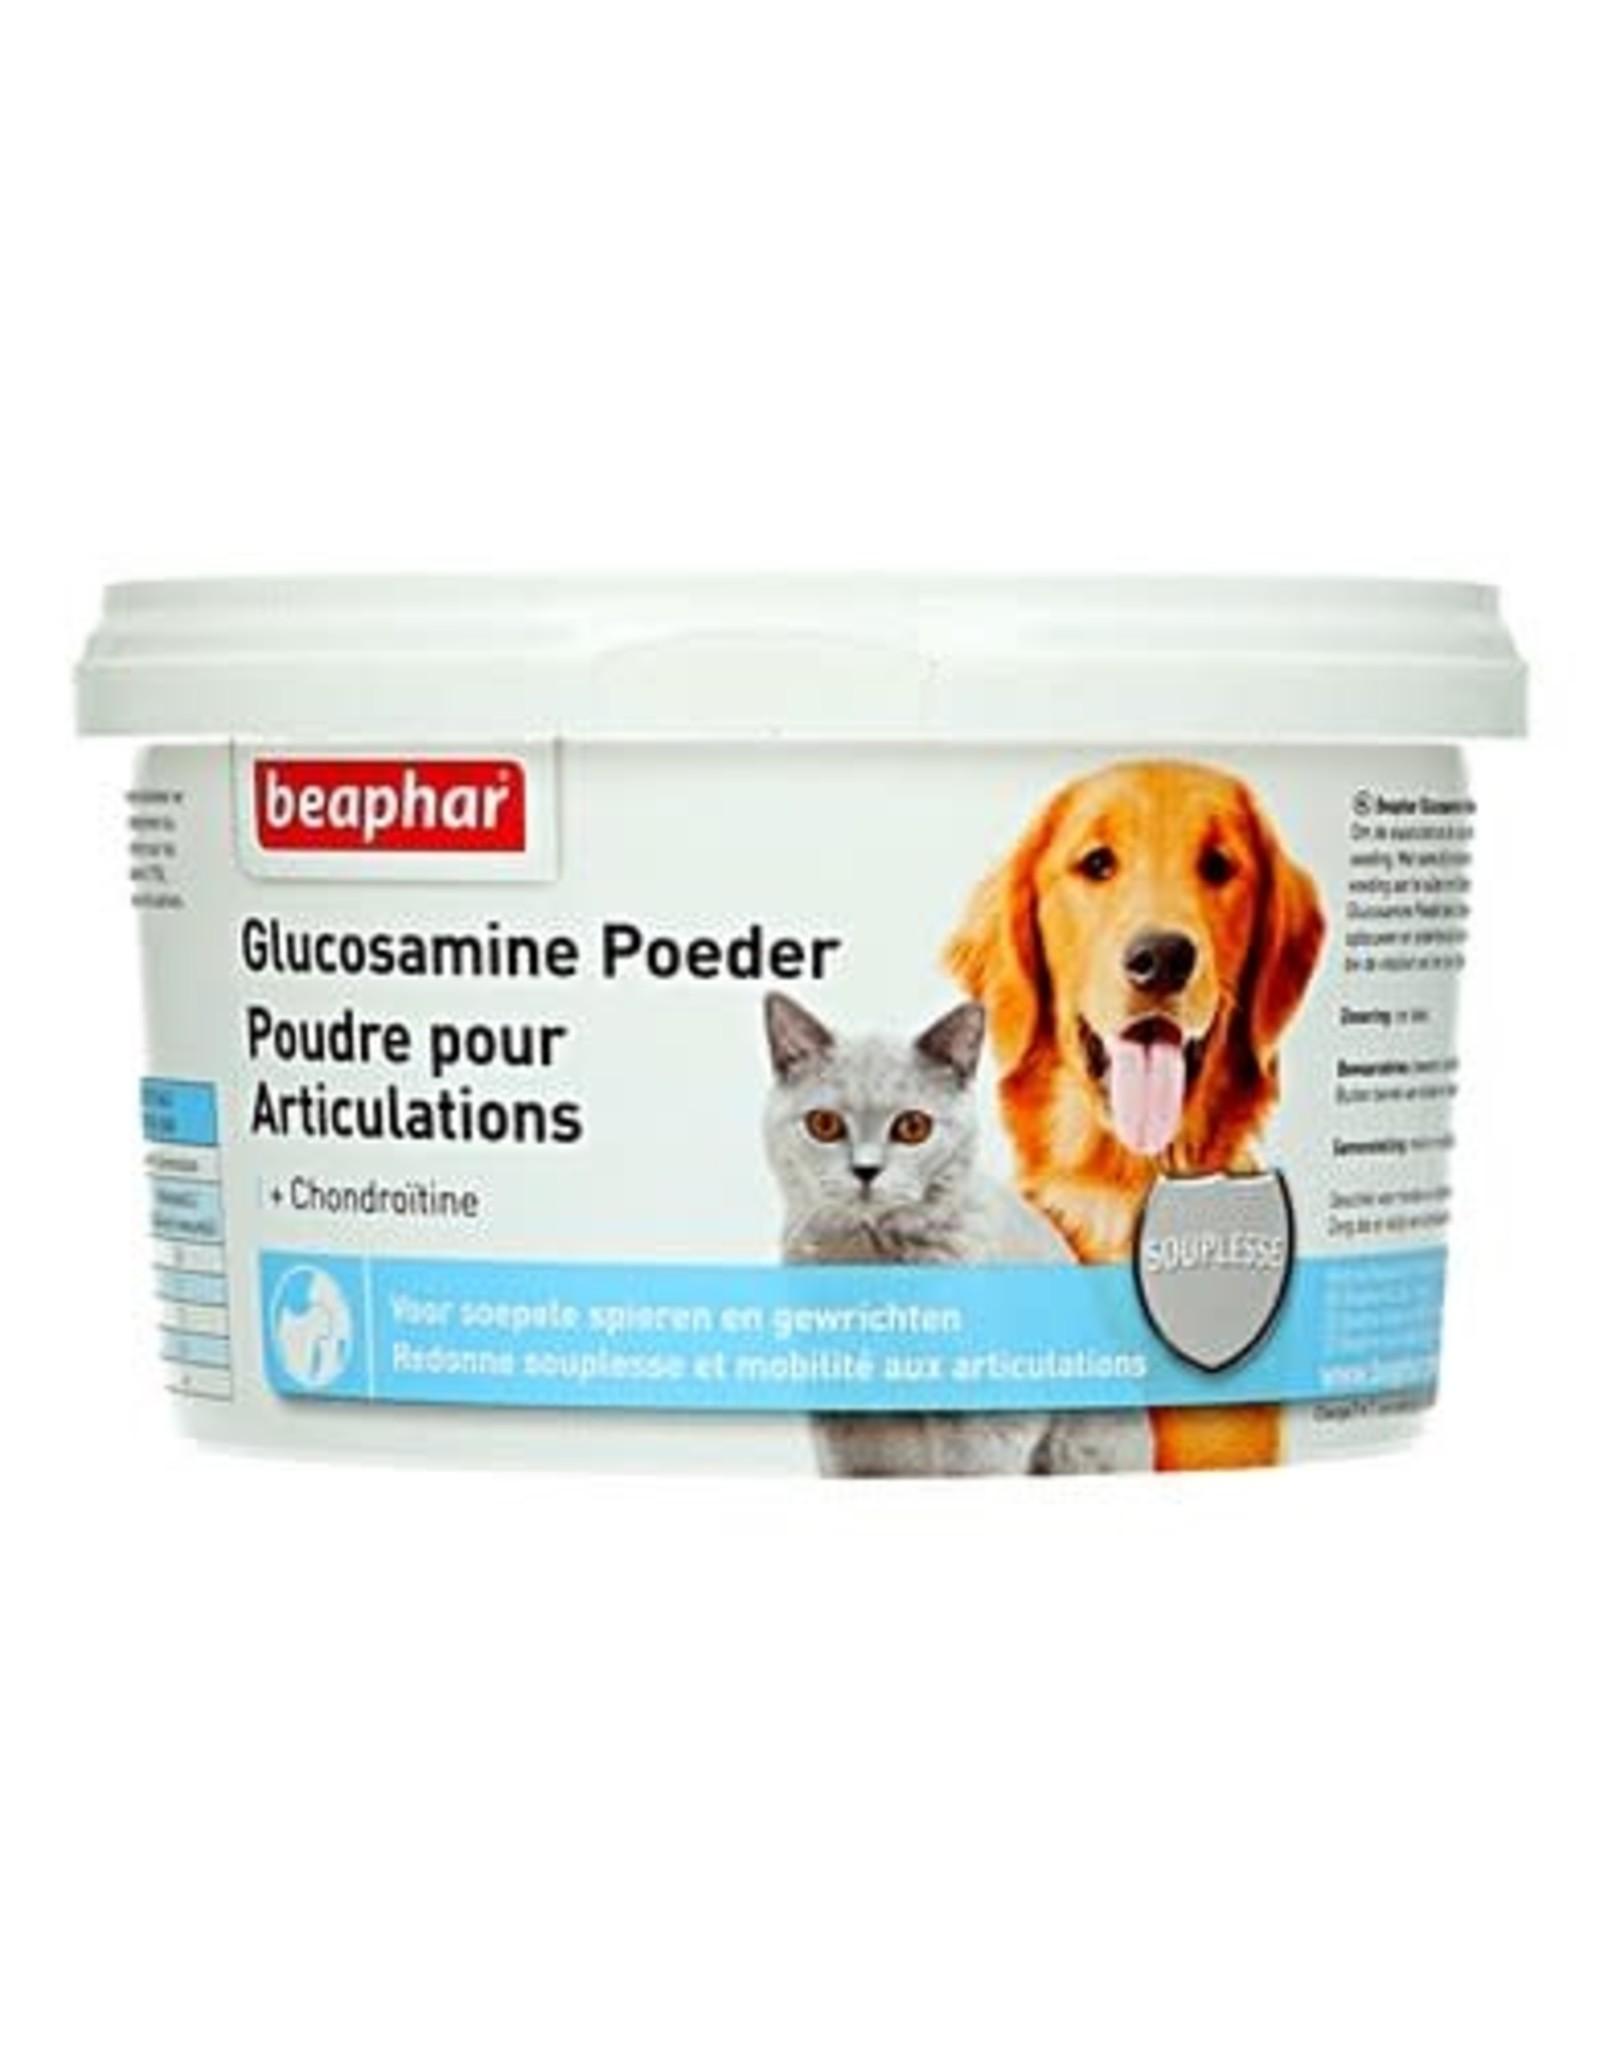 Beaphar Glucosamine Poeder   300Gr